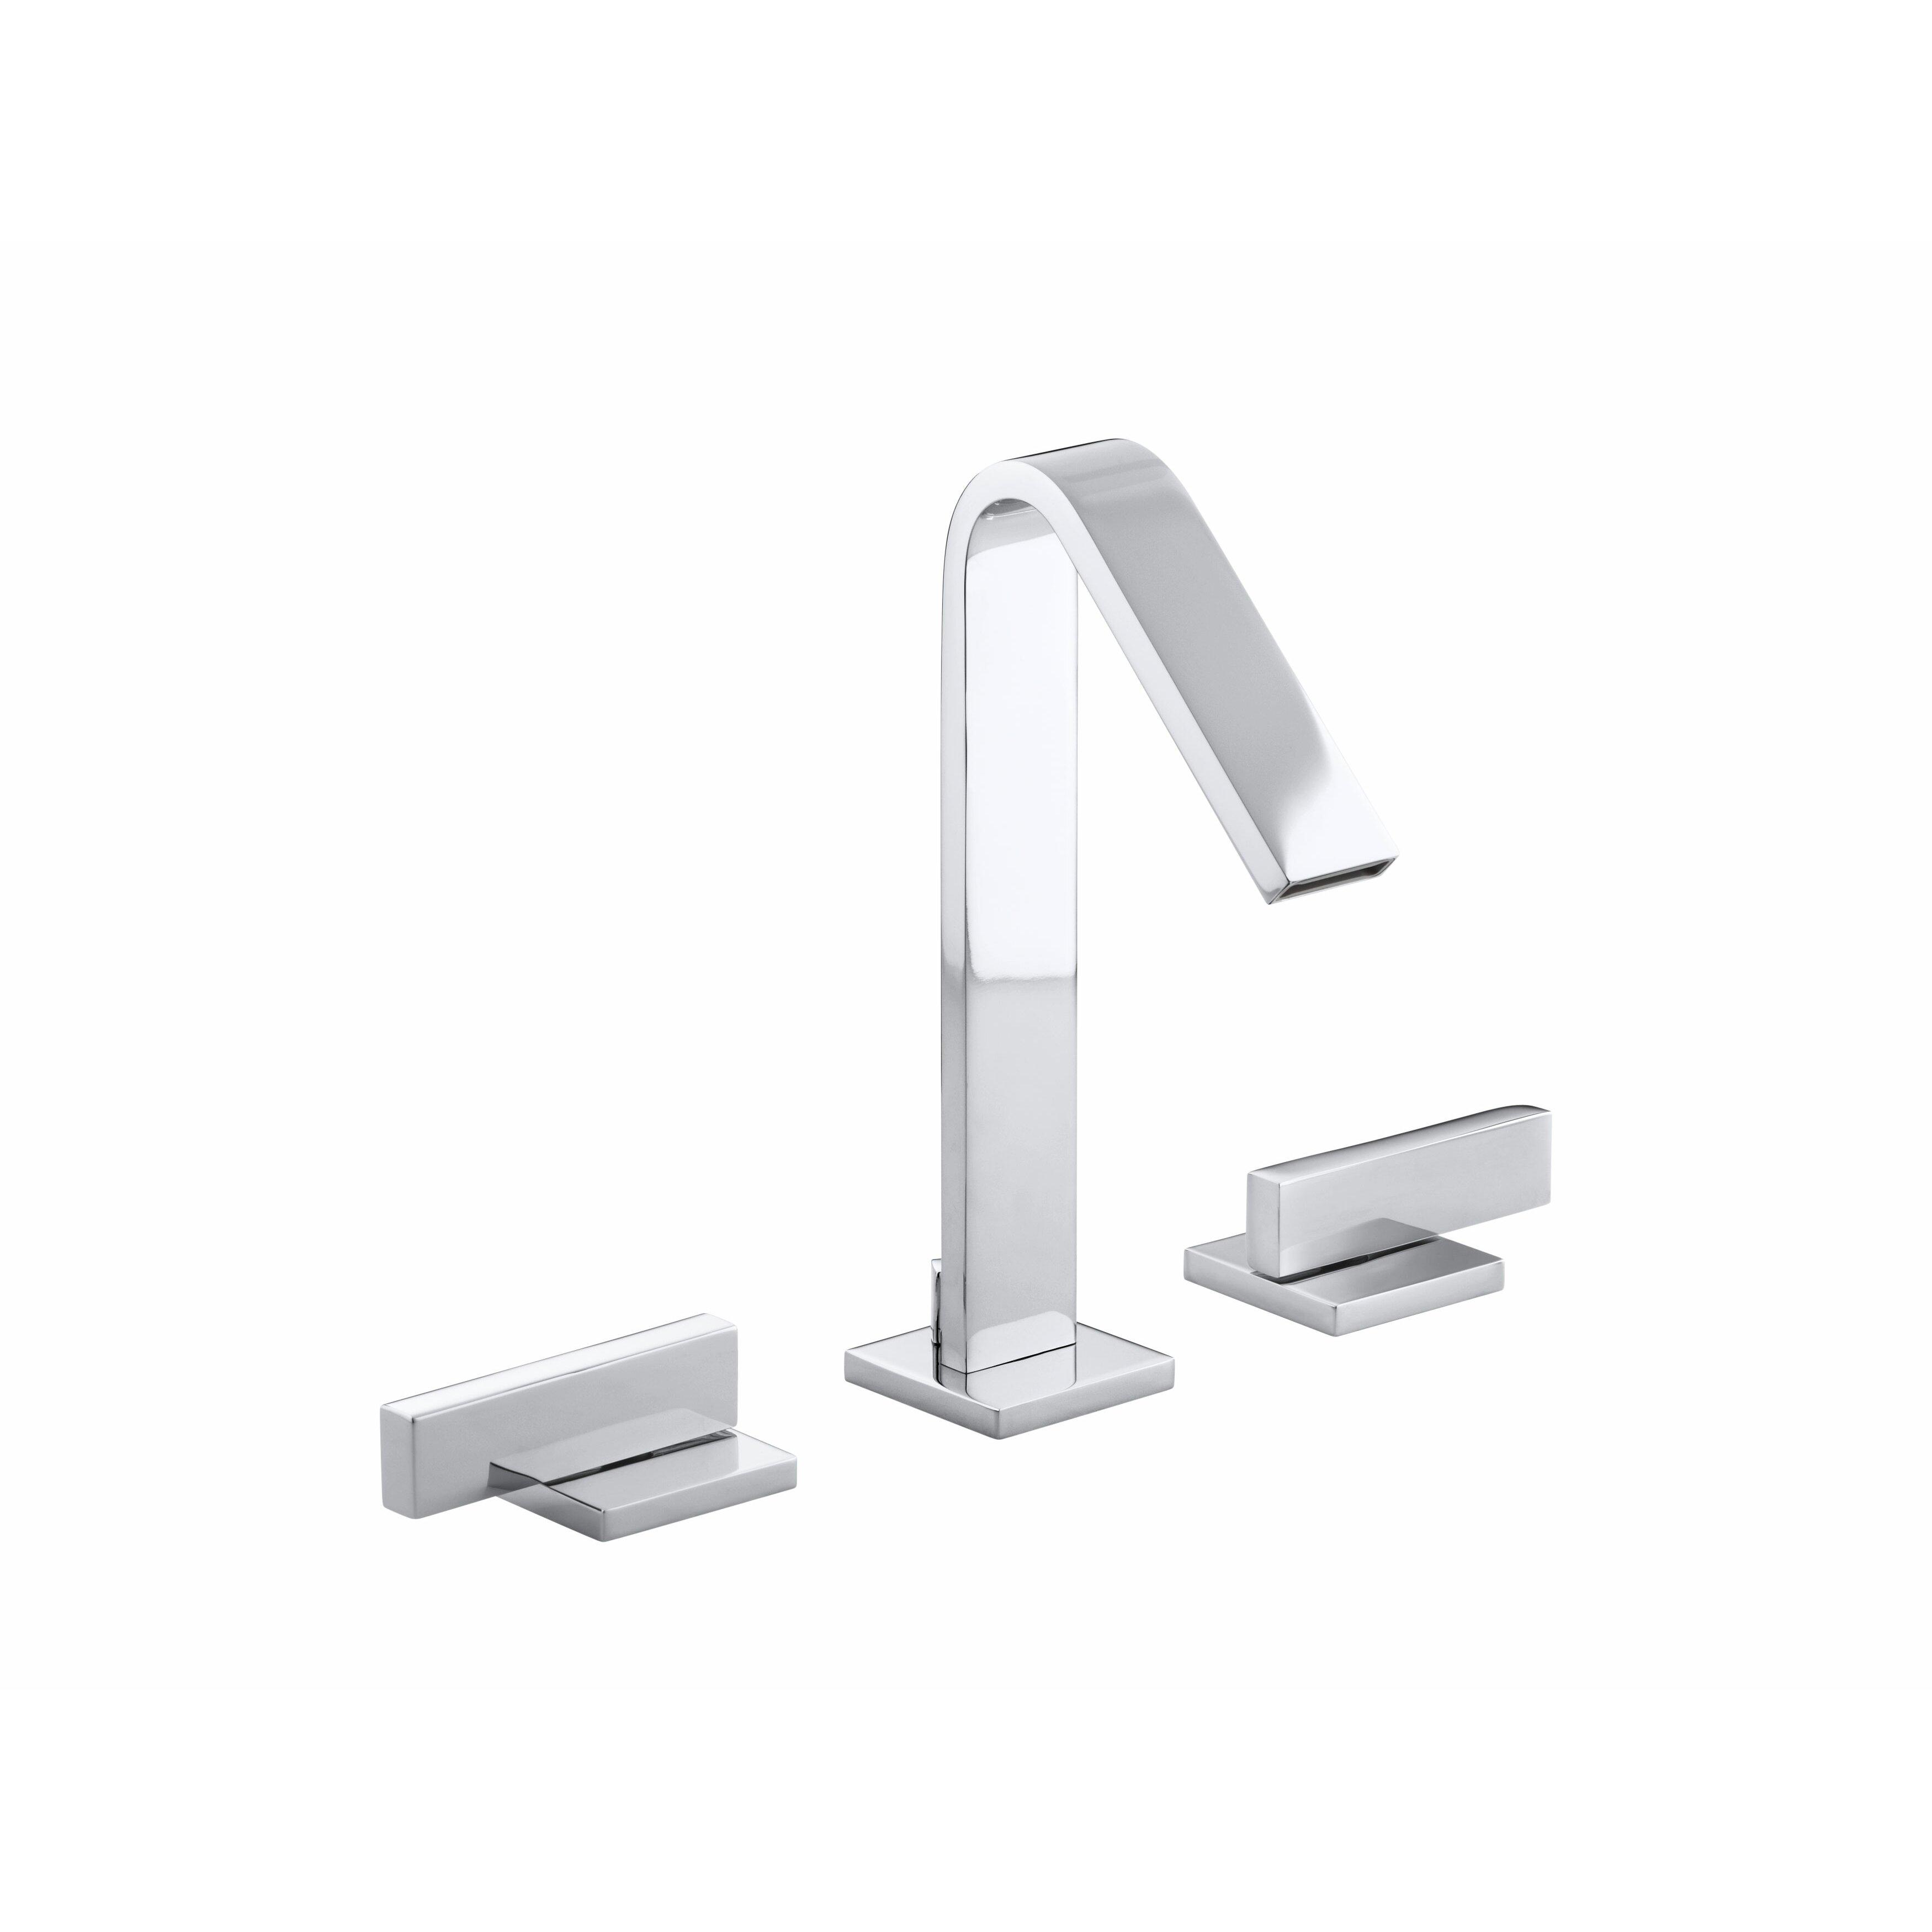 kohler loure widespread bathroom sink faucet & reviews | wayfair